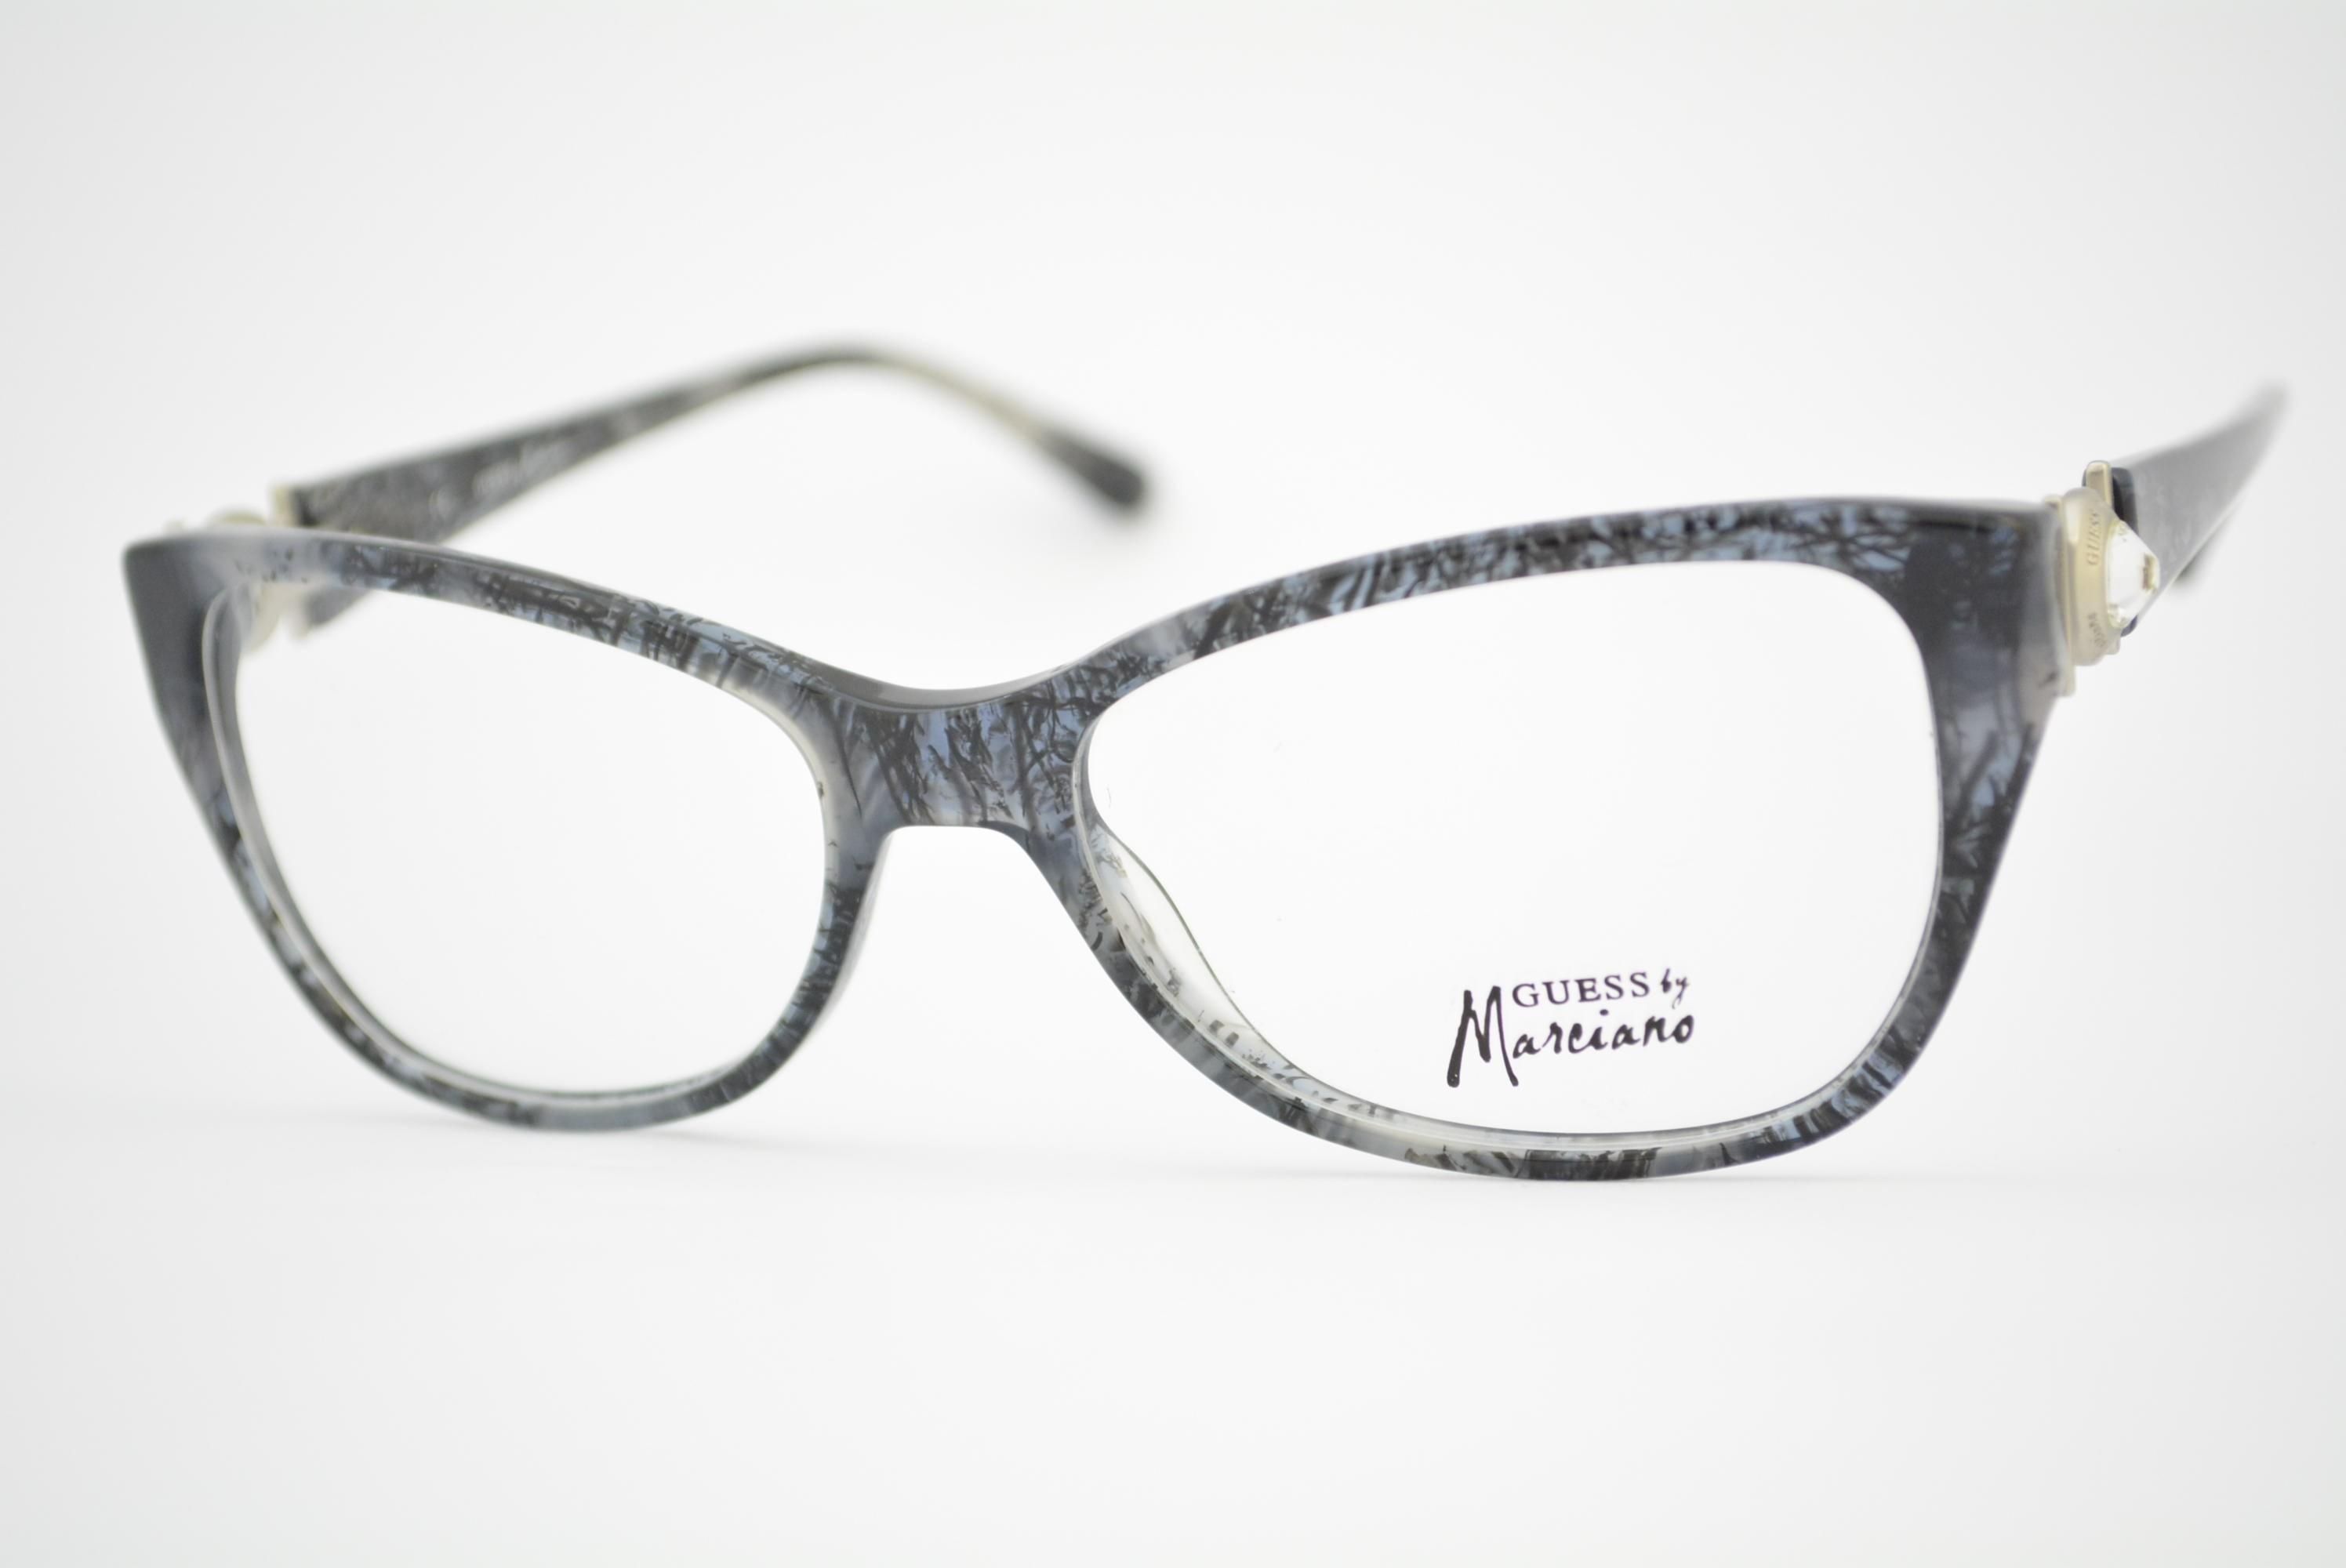 d818ff2087b8d armação de óculos Guess by Marciano mod GM197 GRY Ótica Cardoso